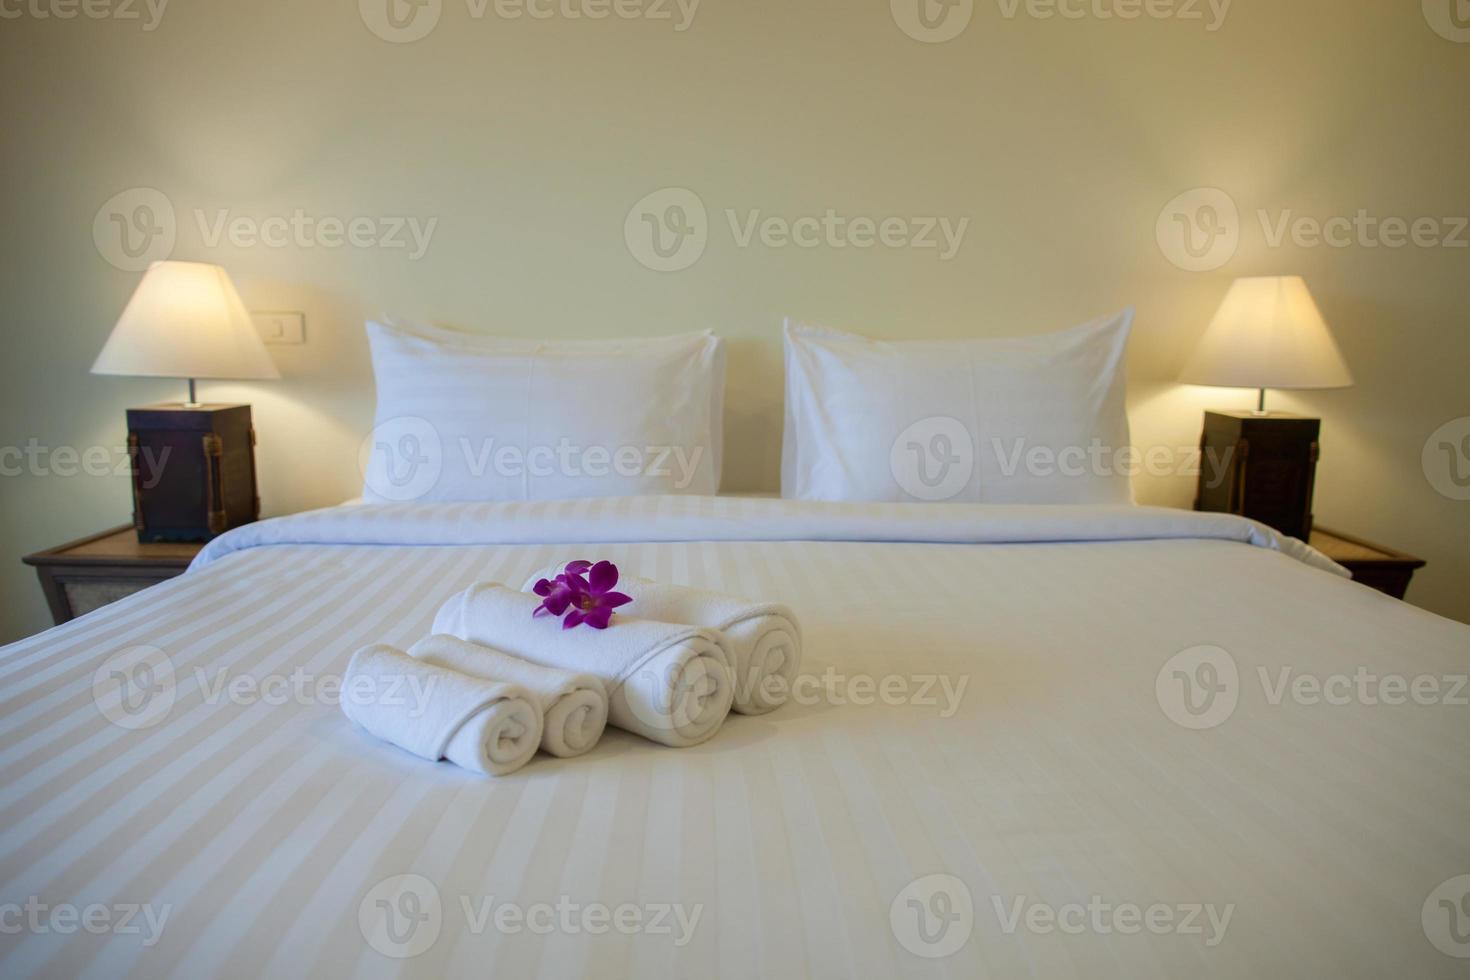 hotelbed met handdoeken foto